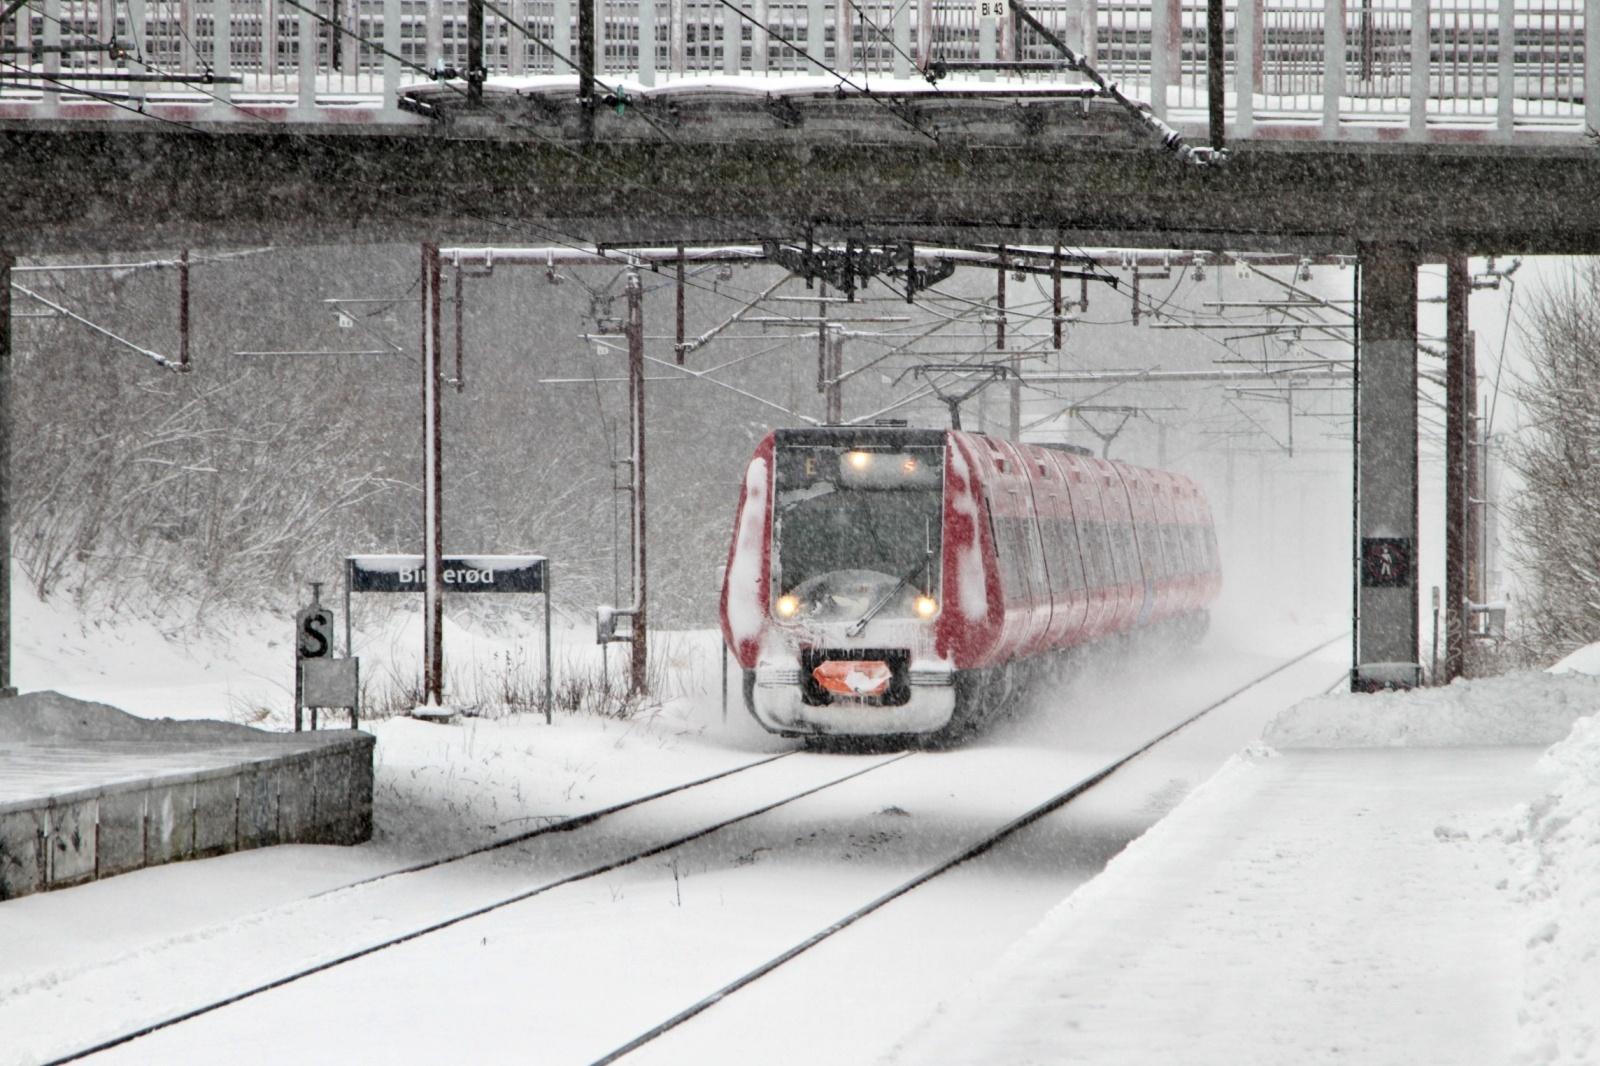 雪の中をゆく鉄道 デンマークの鉄道風景